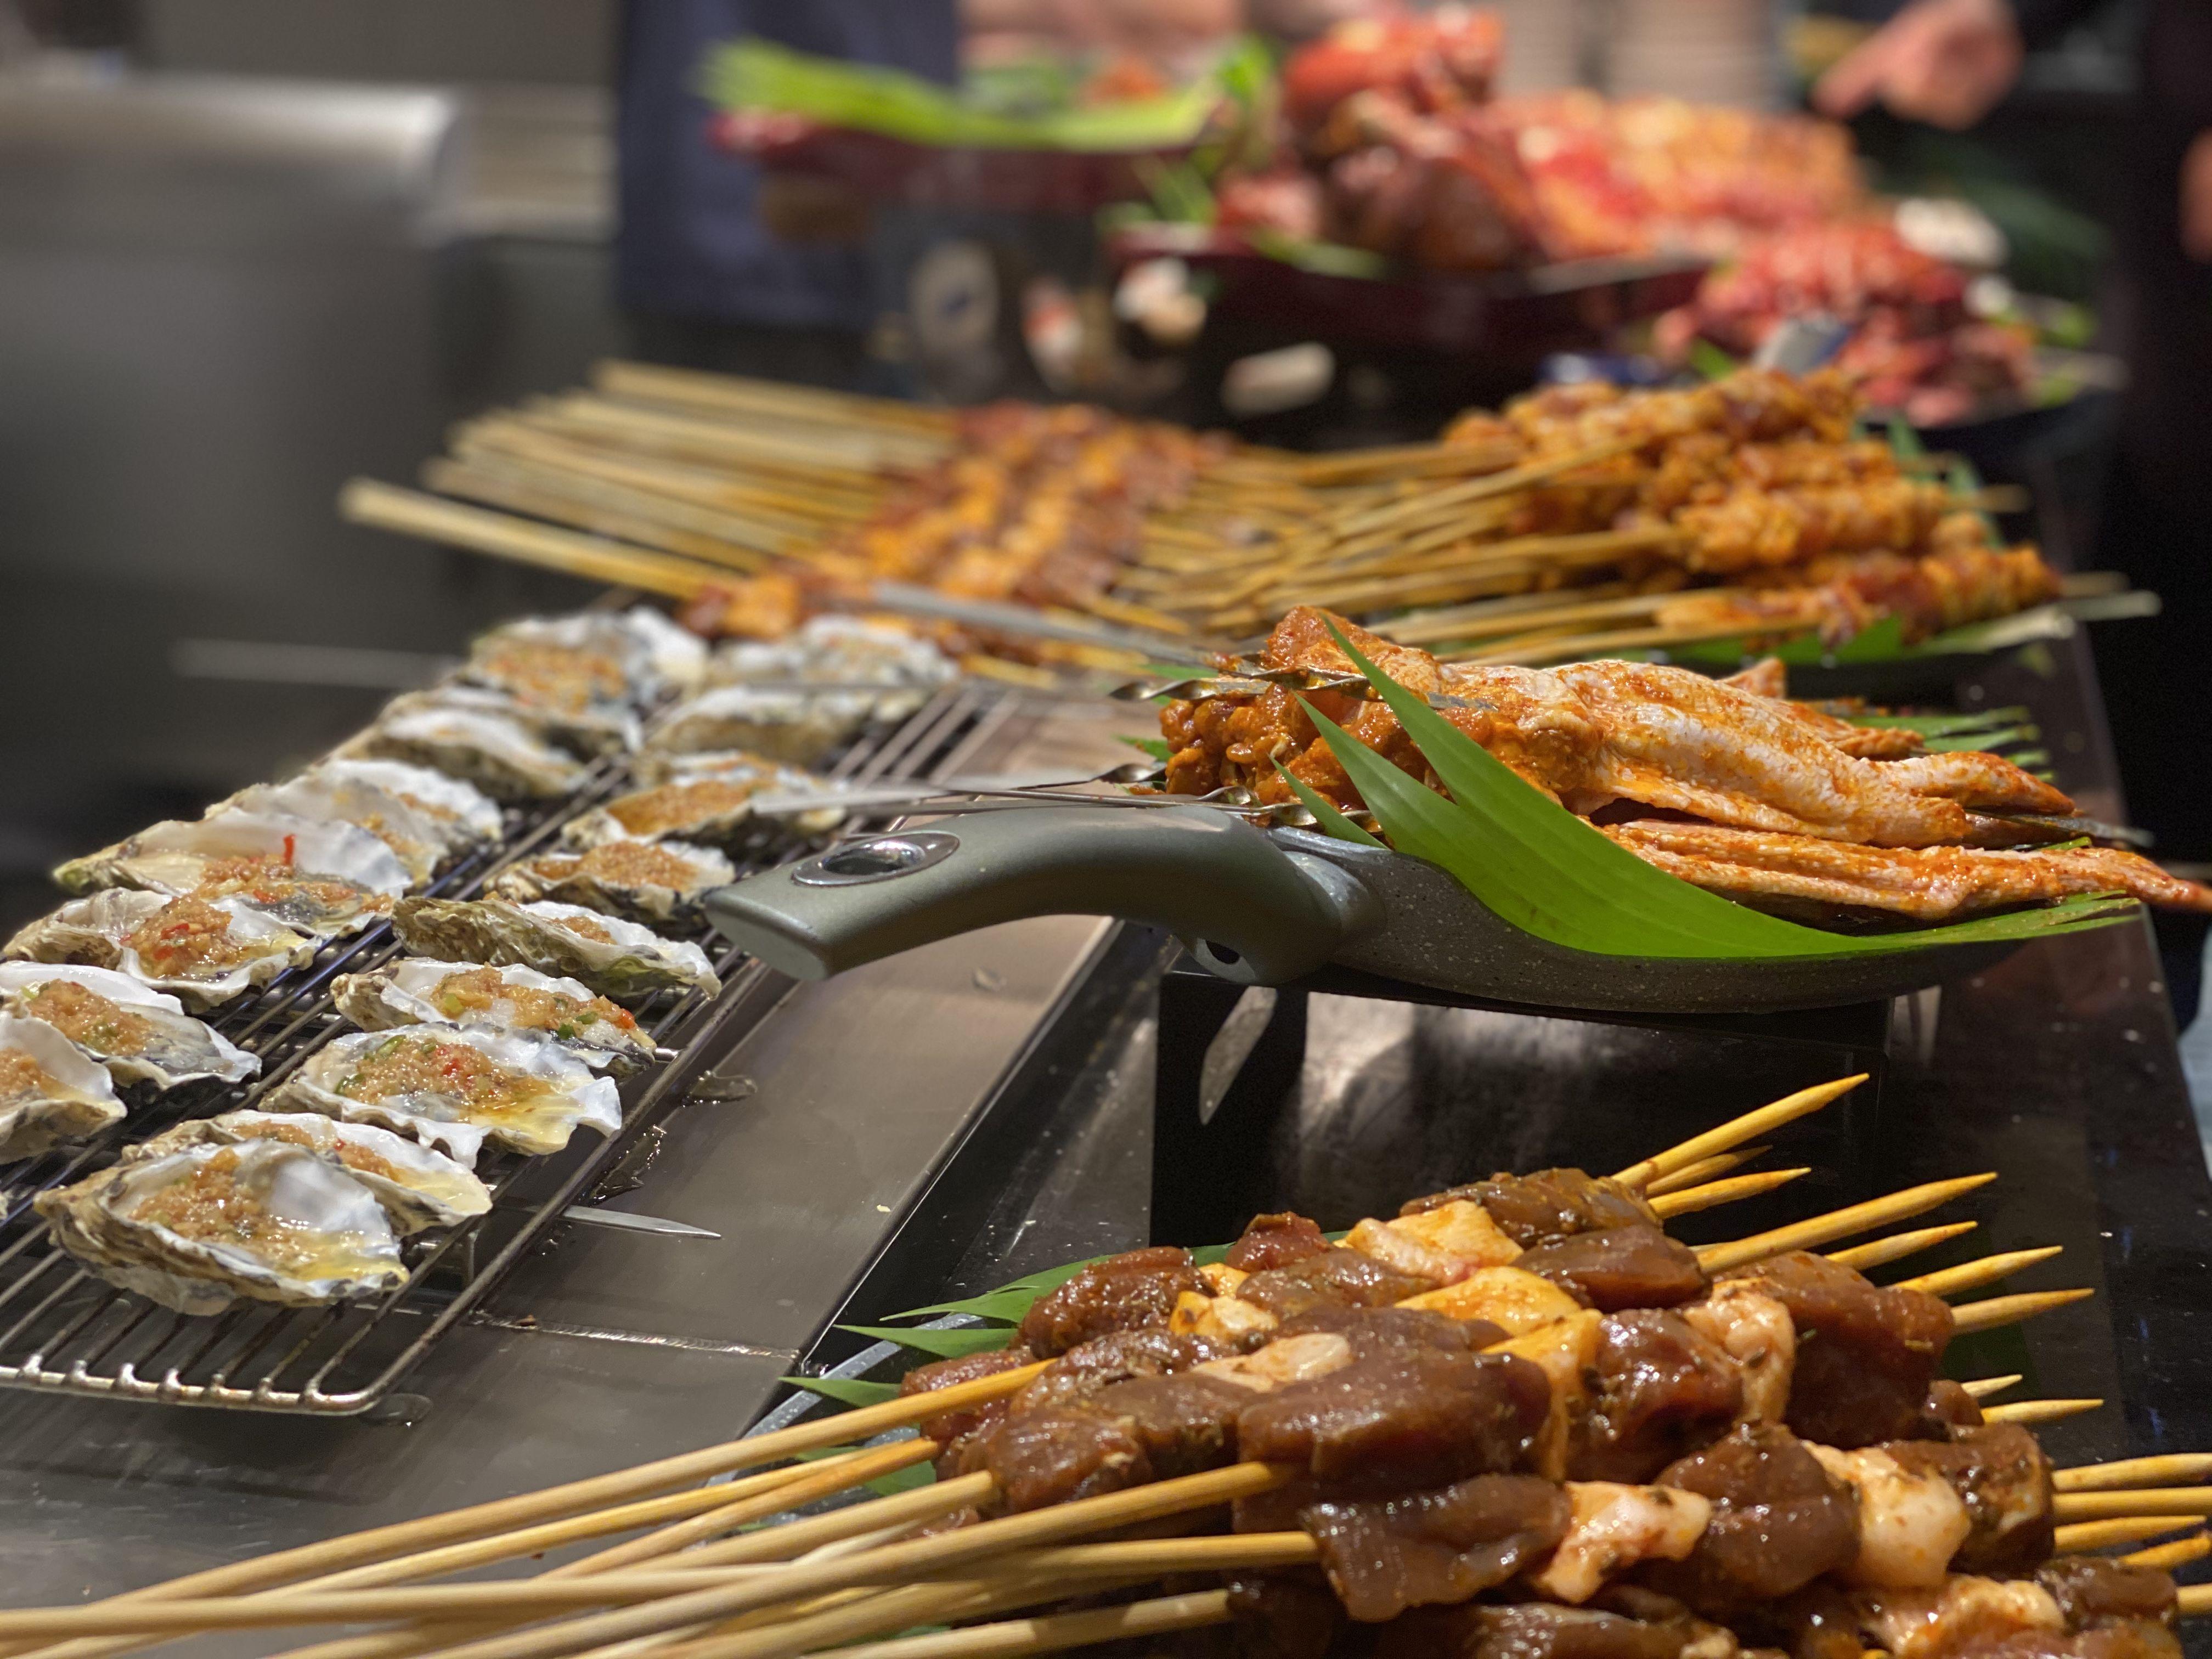 江蘇味道—放心餐廳促消費 小尾羊歡樂牧場—時尚歡樂,食在有趣!